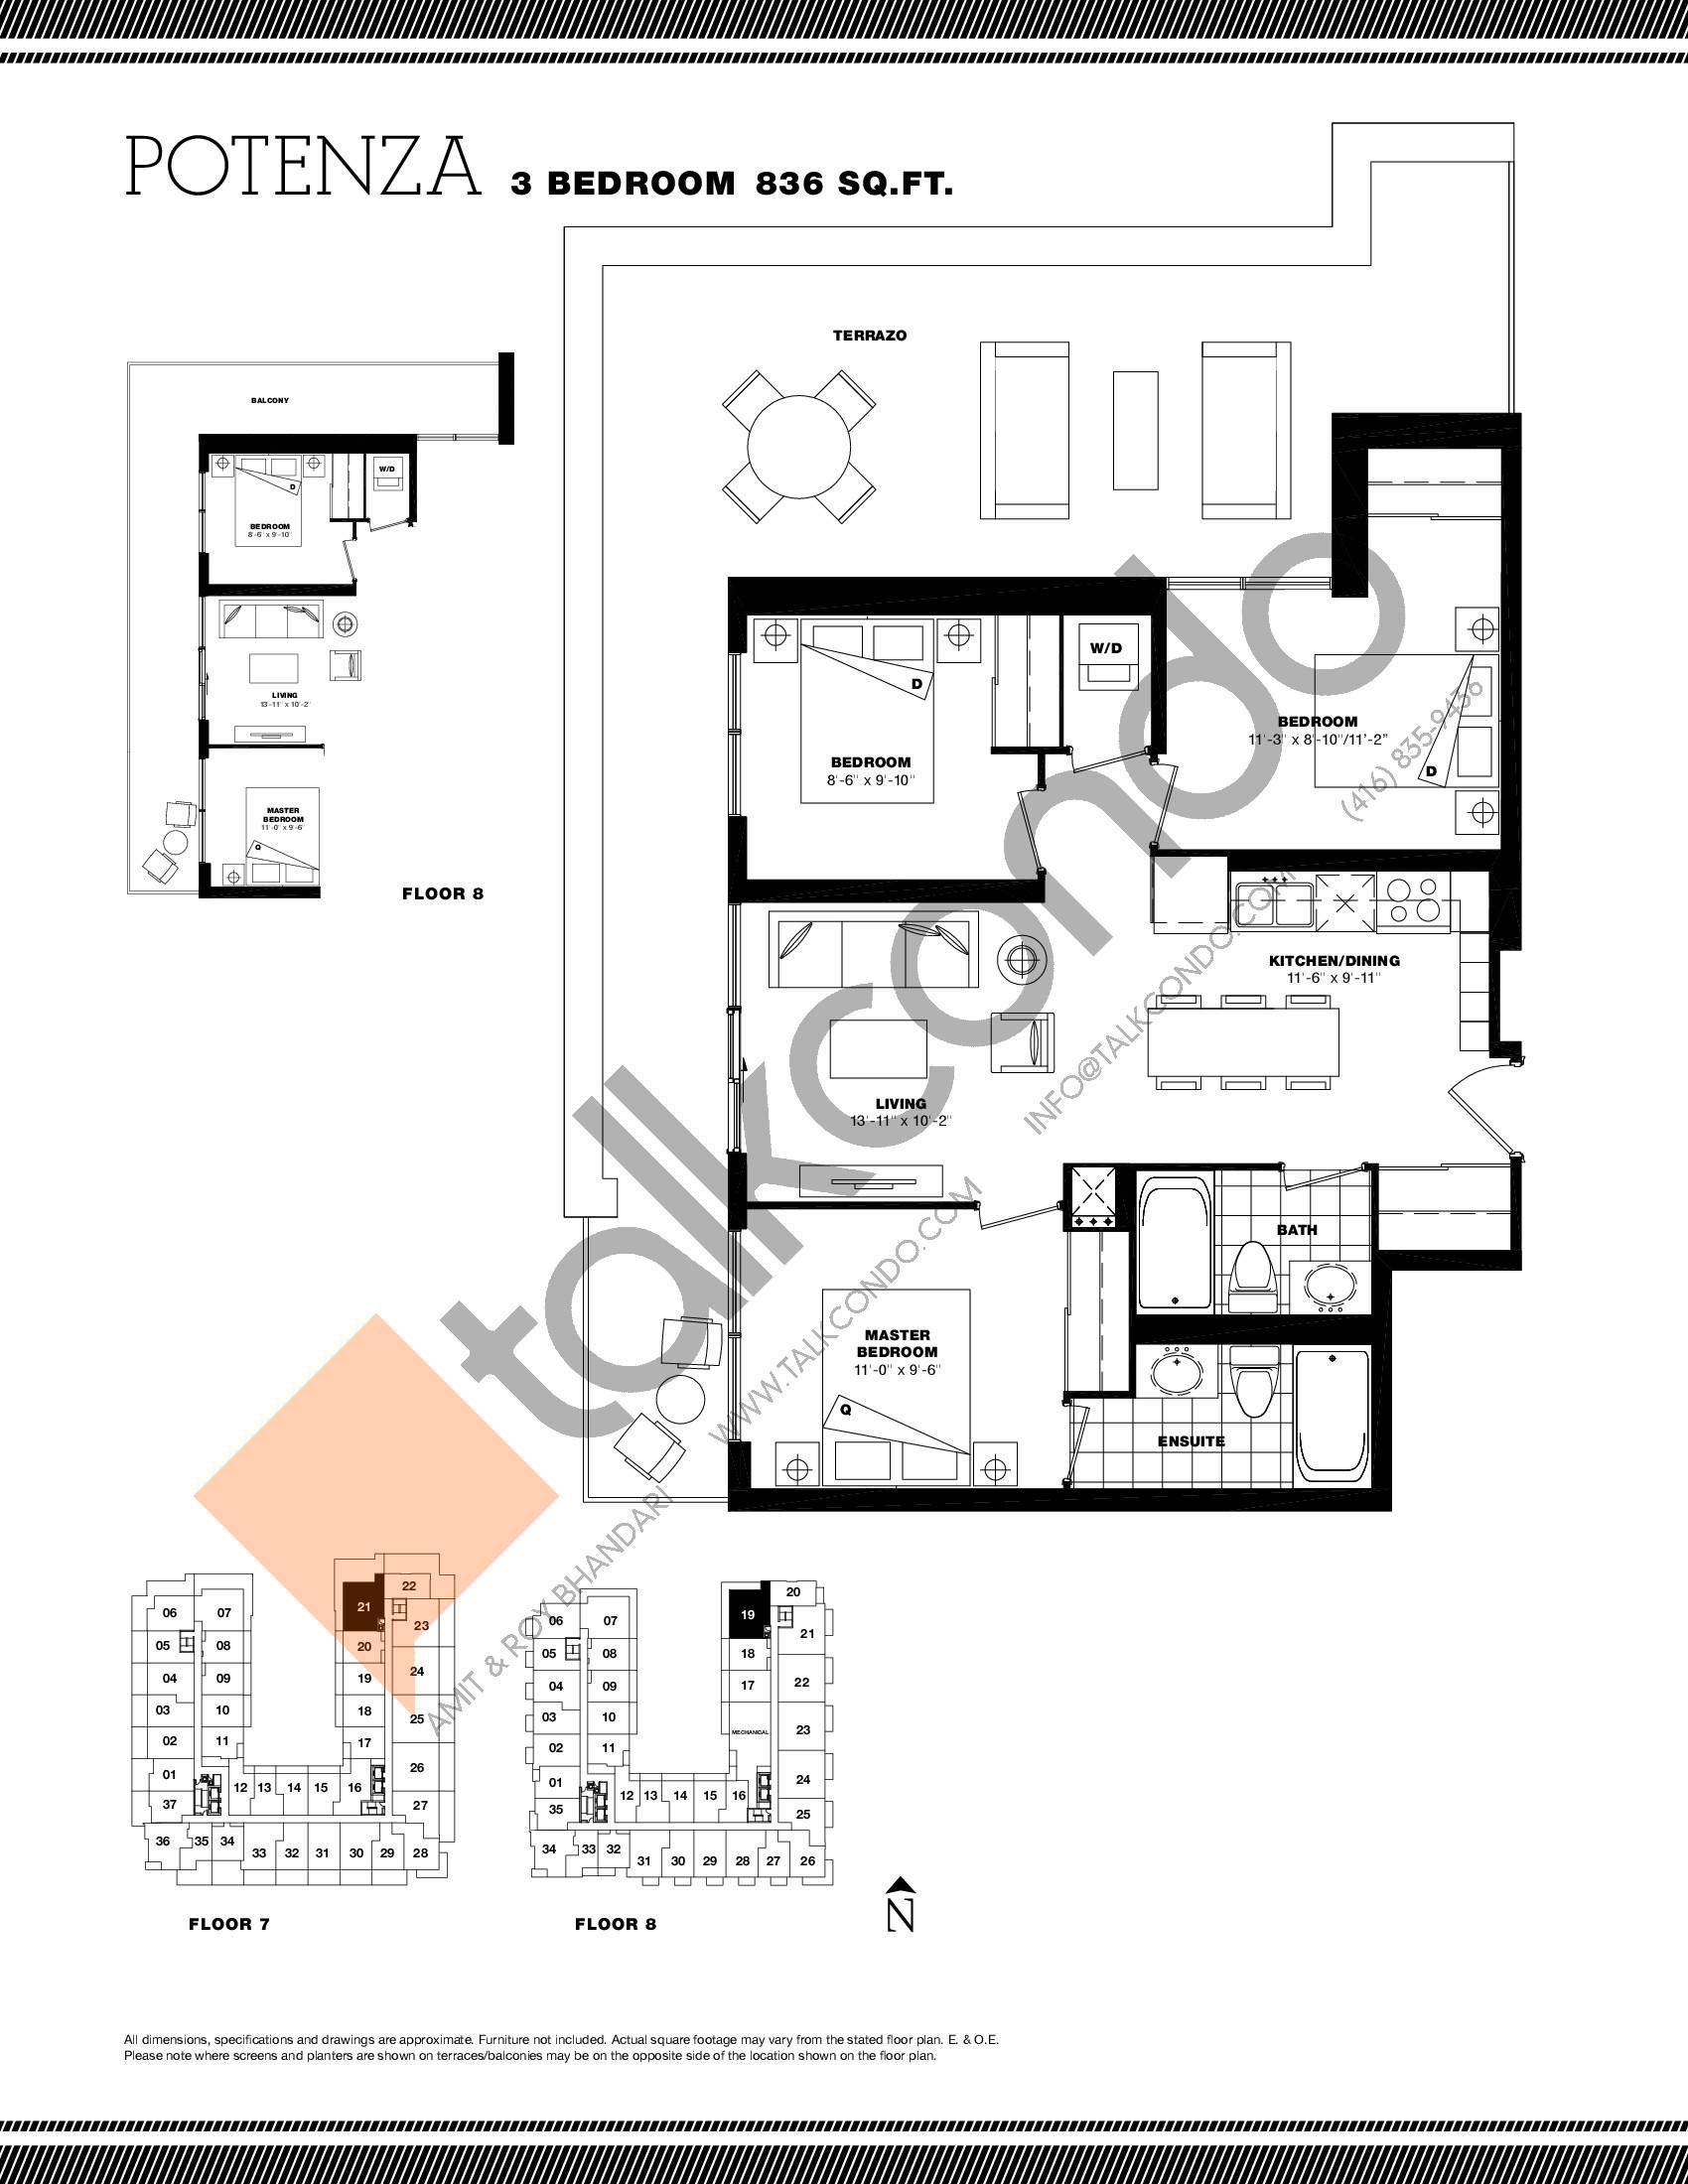 Potenza Floor Plan at Residenze Palazzo at Treviso 3 Condos - 836 sq.ft